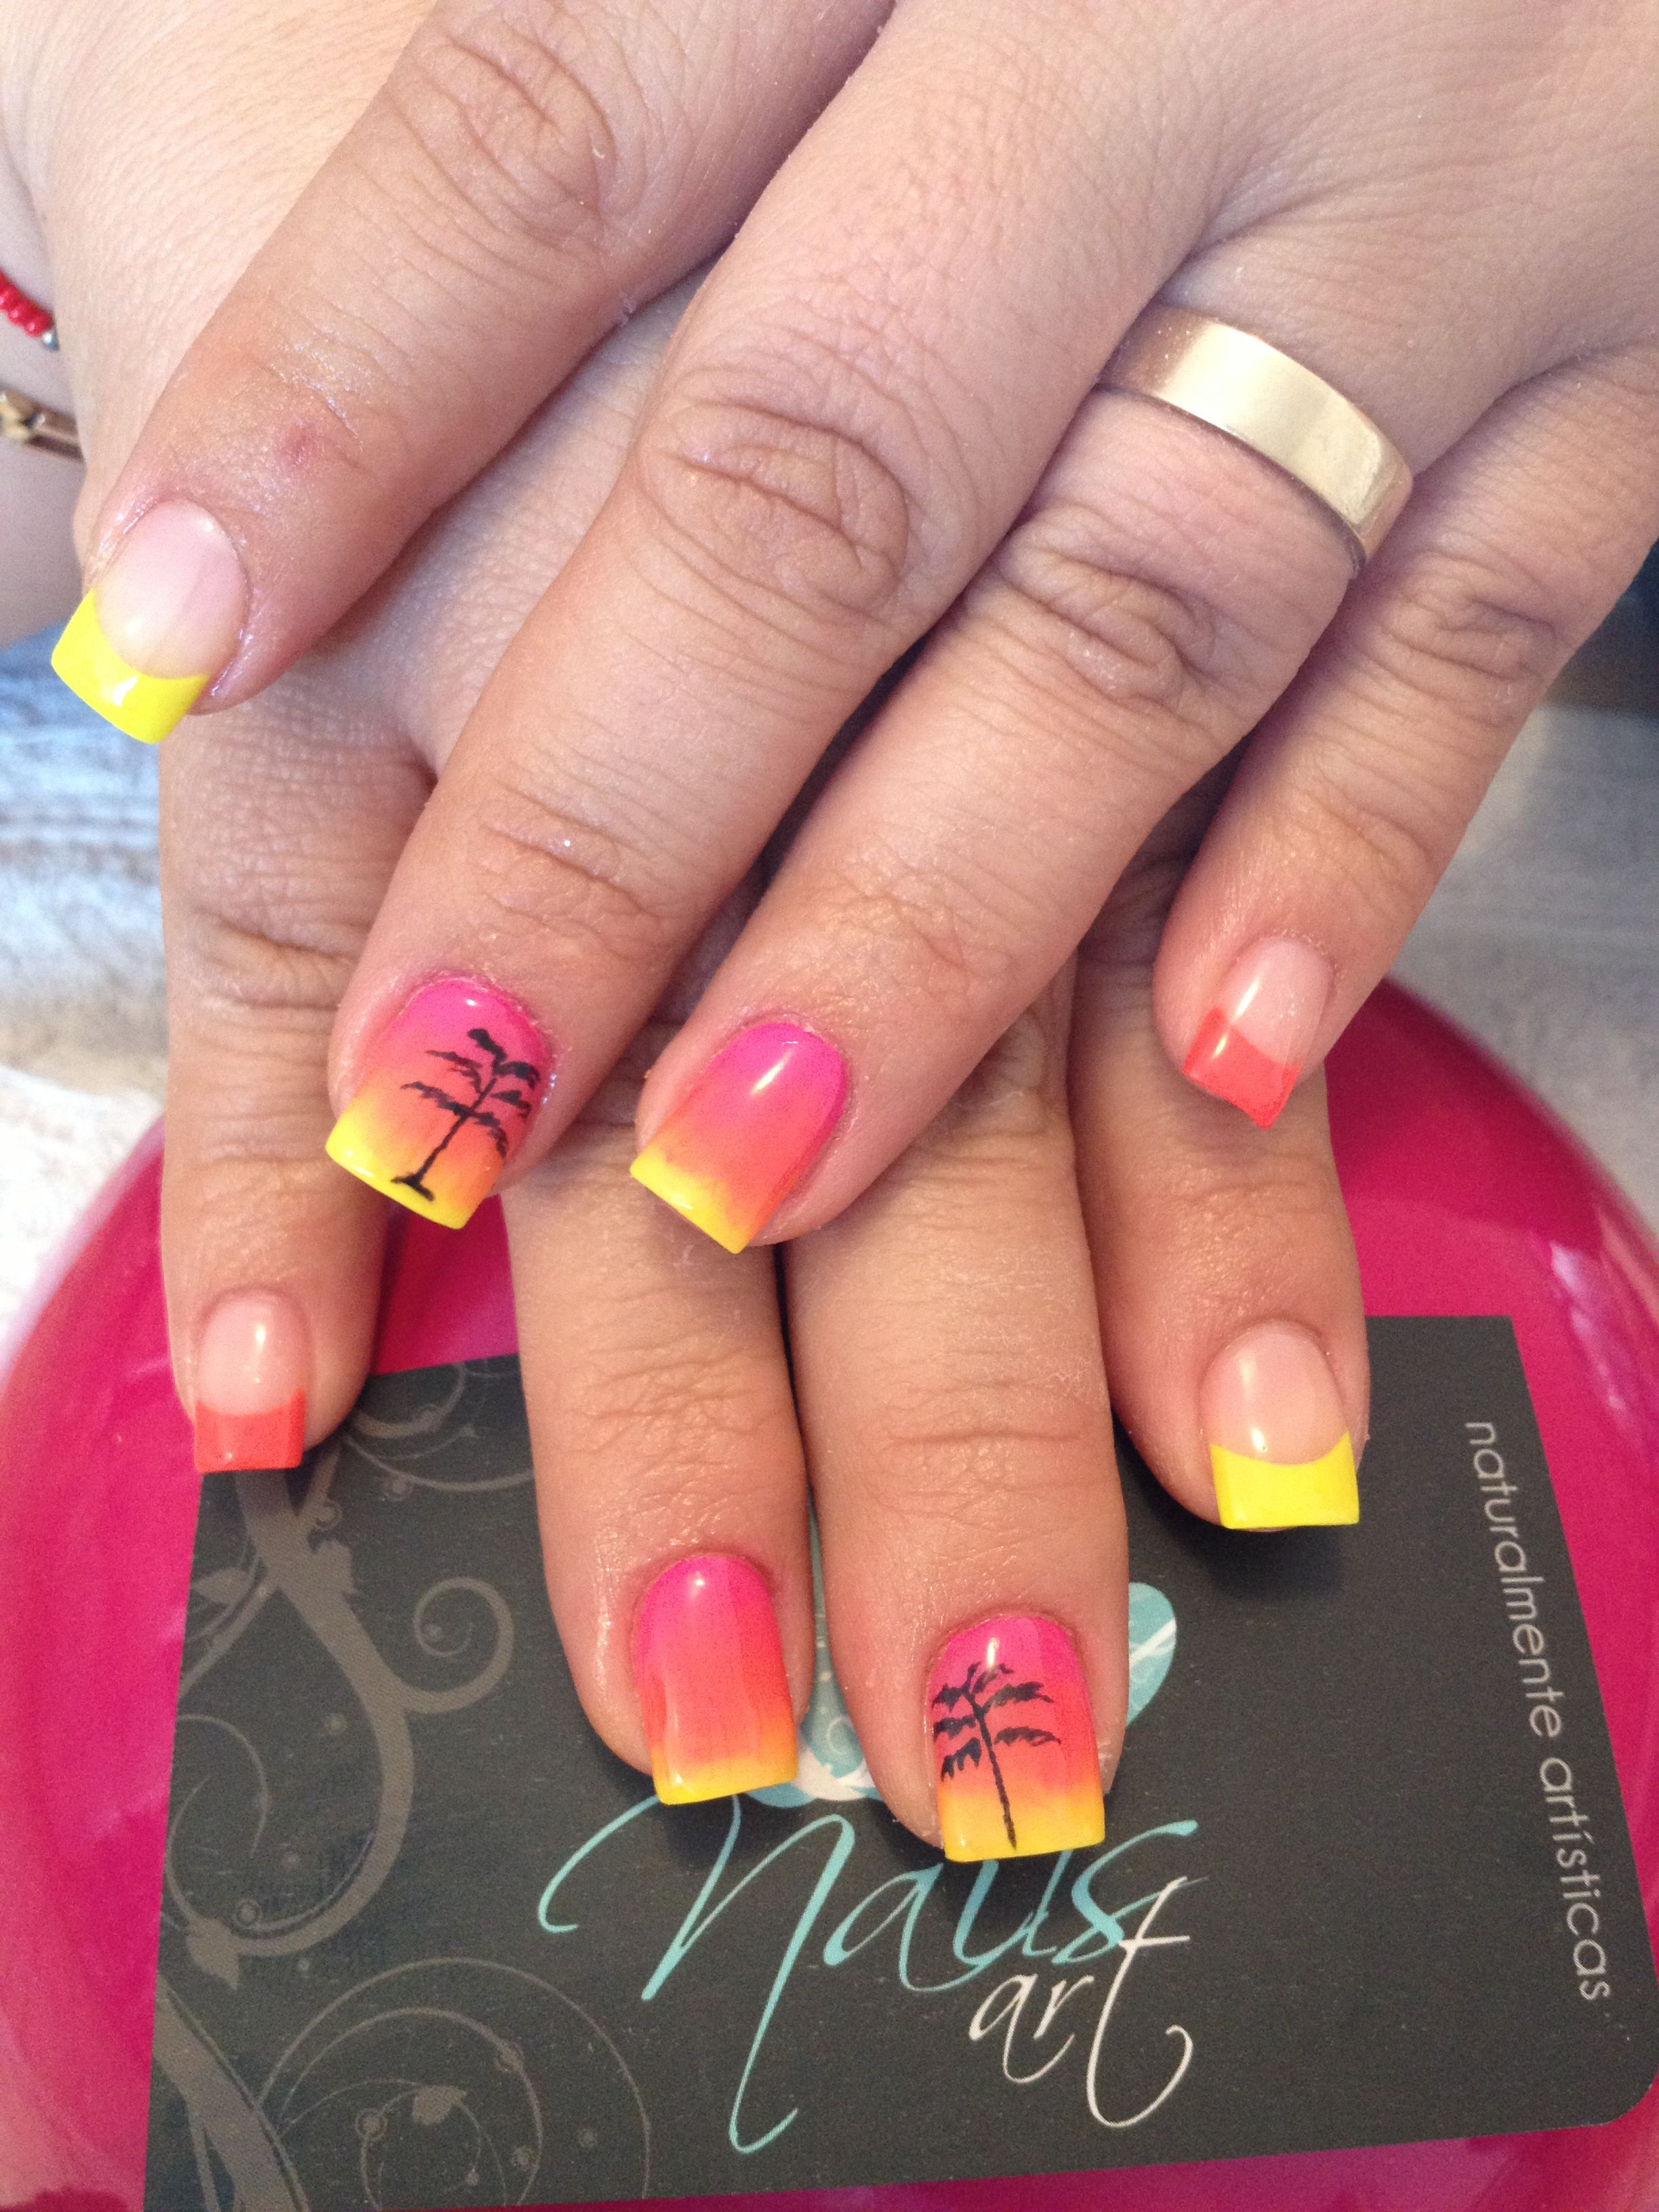 Nails art acrylic nails summer nails Nails Pinterest